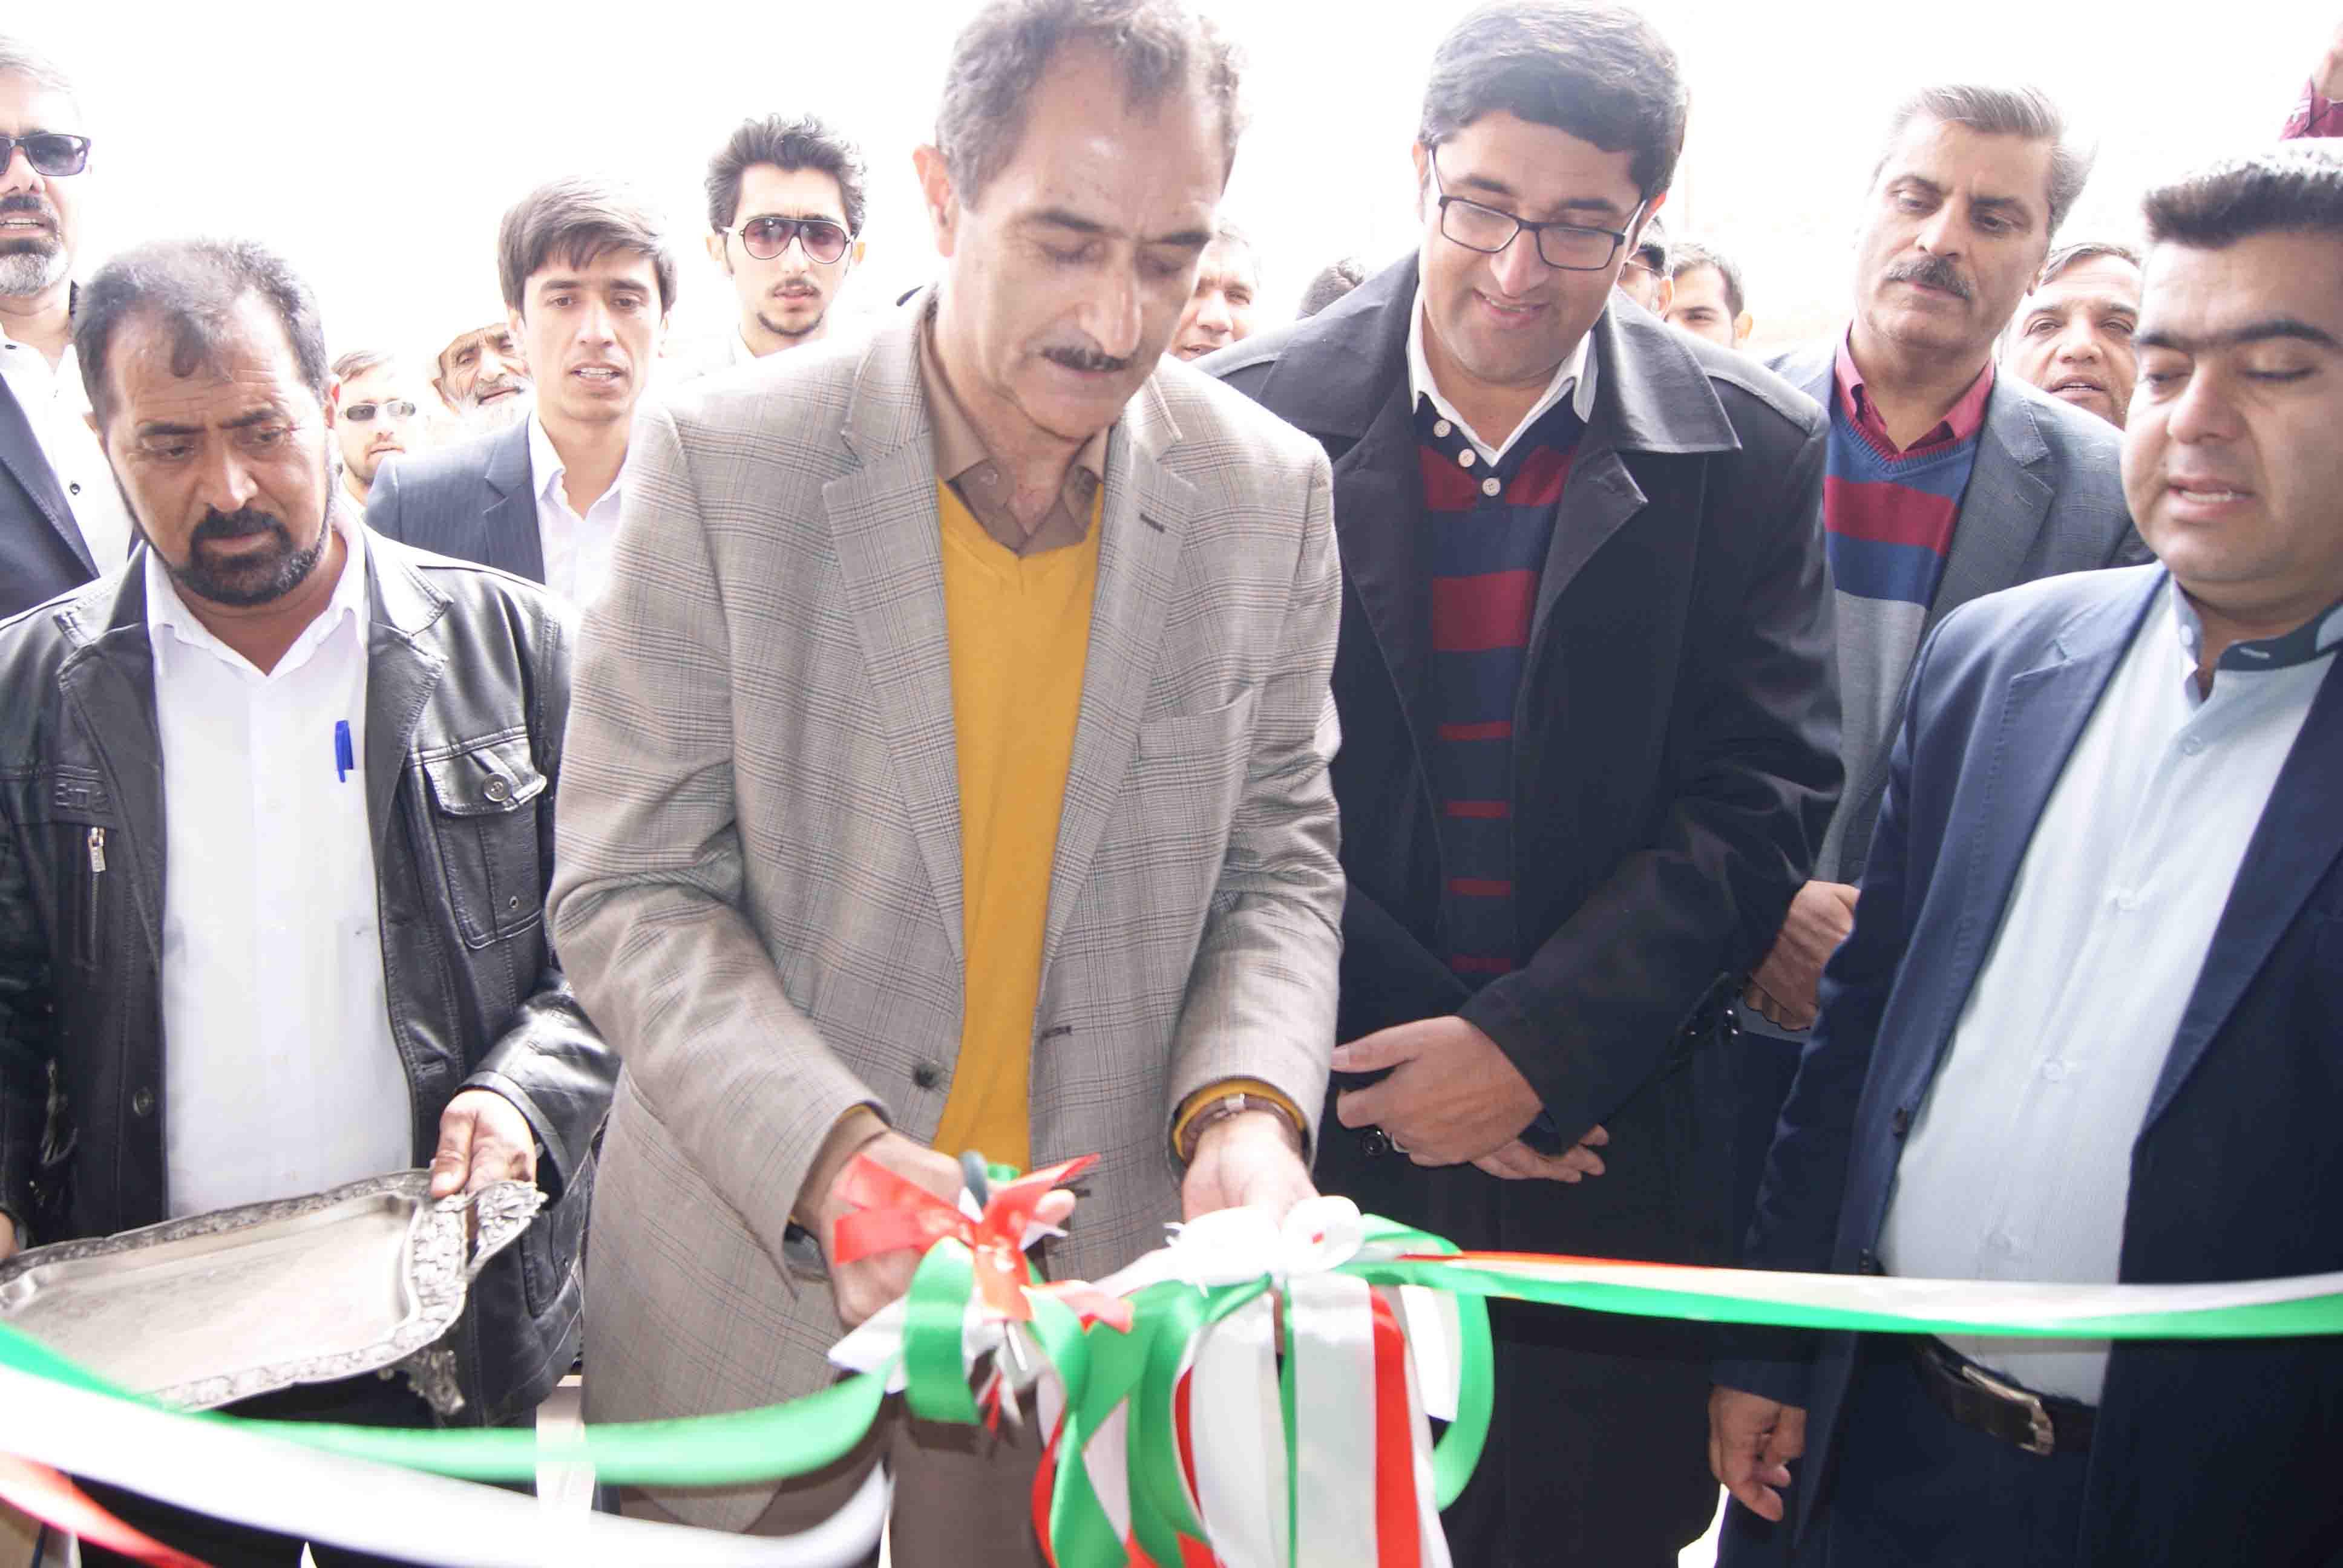 افتتاح پروژه مرکز خدمات جامع سلامت روستایی لانو در شهرستان سربیشه